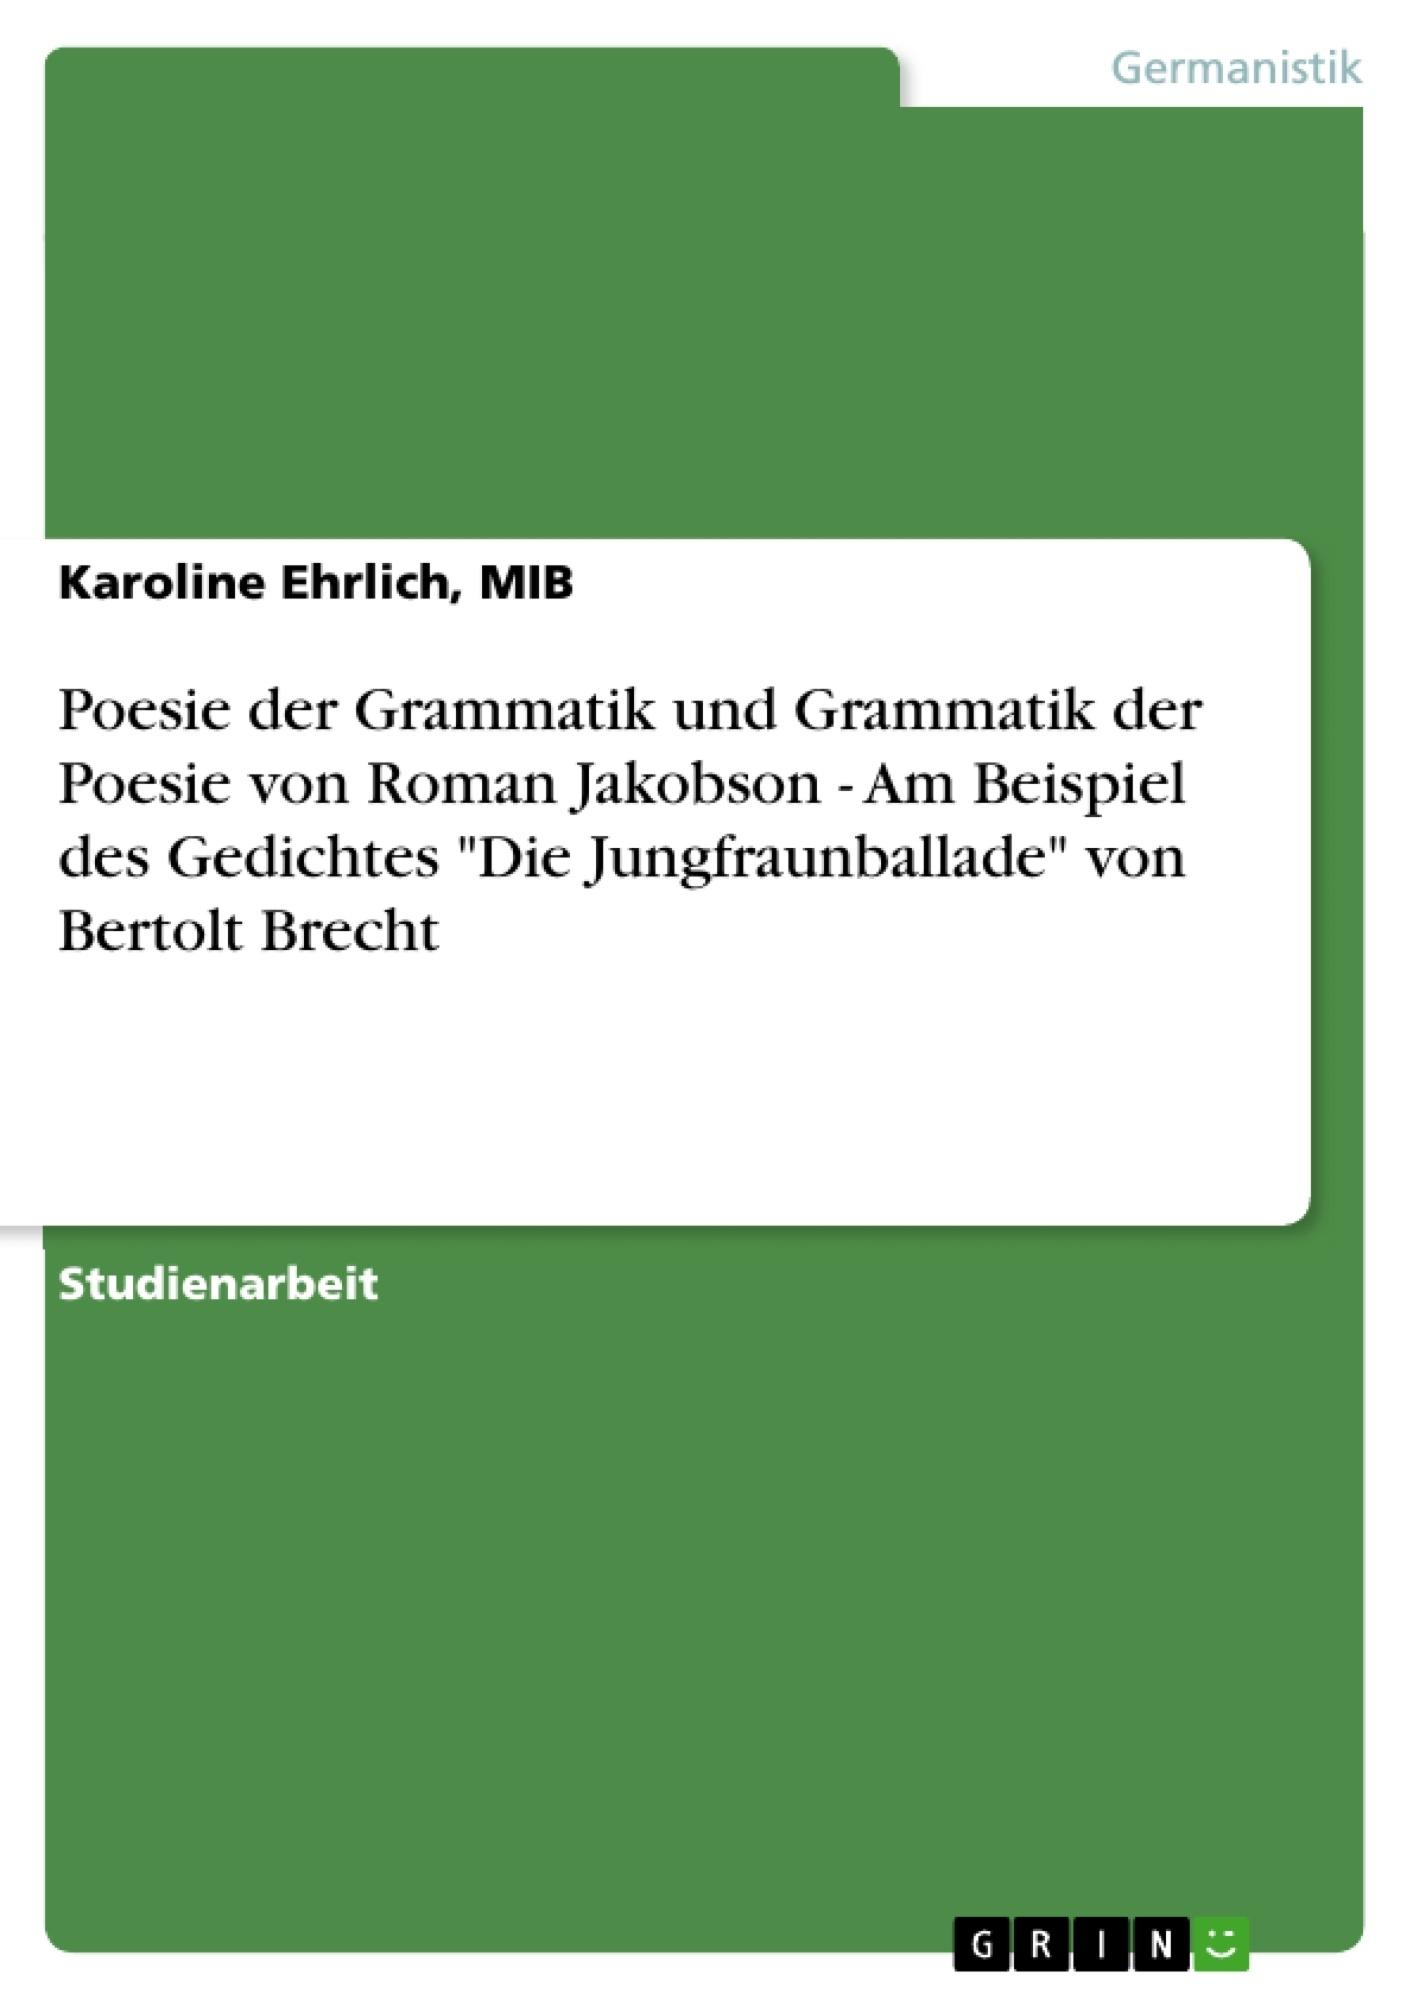 """Titel: Poesie der Grammatik und Grammatik der Poesie von Roman Jakobson - Am Beispiel des Gedichtes """"Die Jungfraunballade"""" von Bertolt Brecht"""